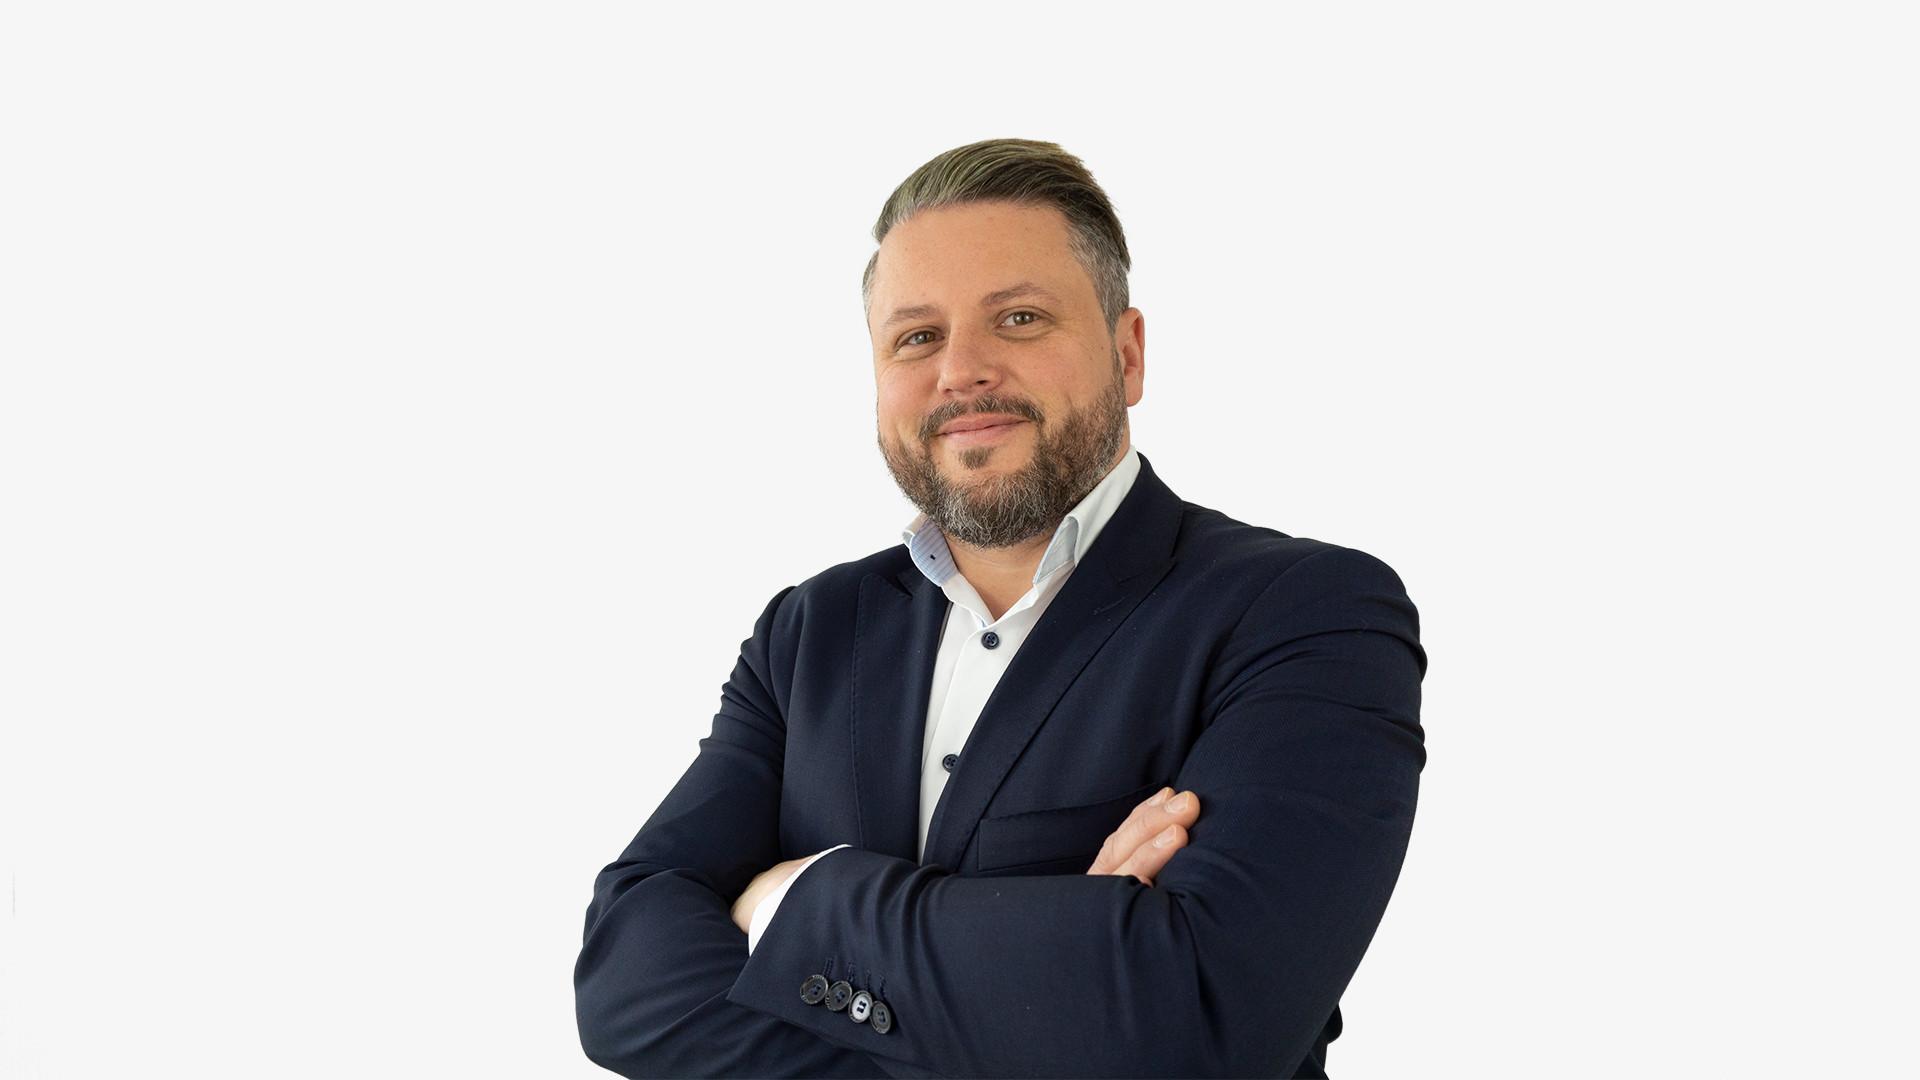 Patryk Wlodarczyk: CEO of omniIT